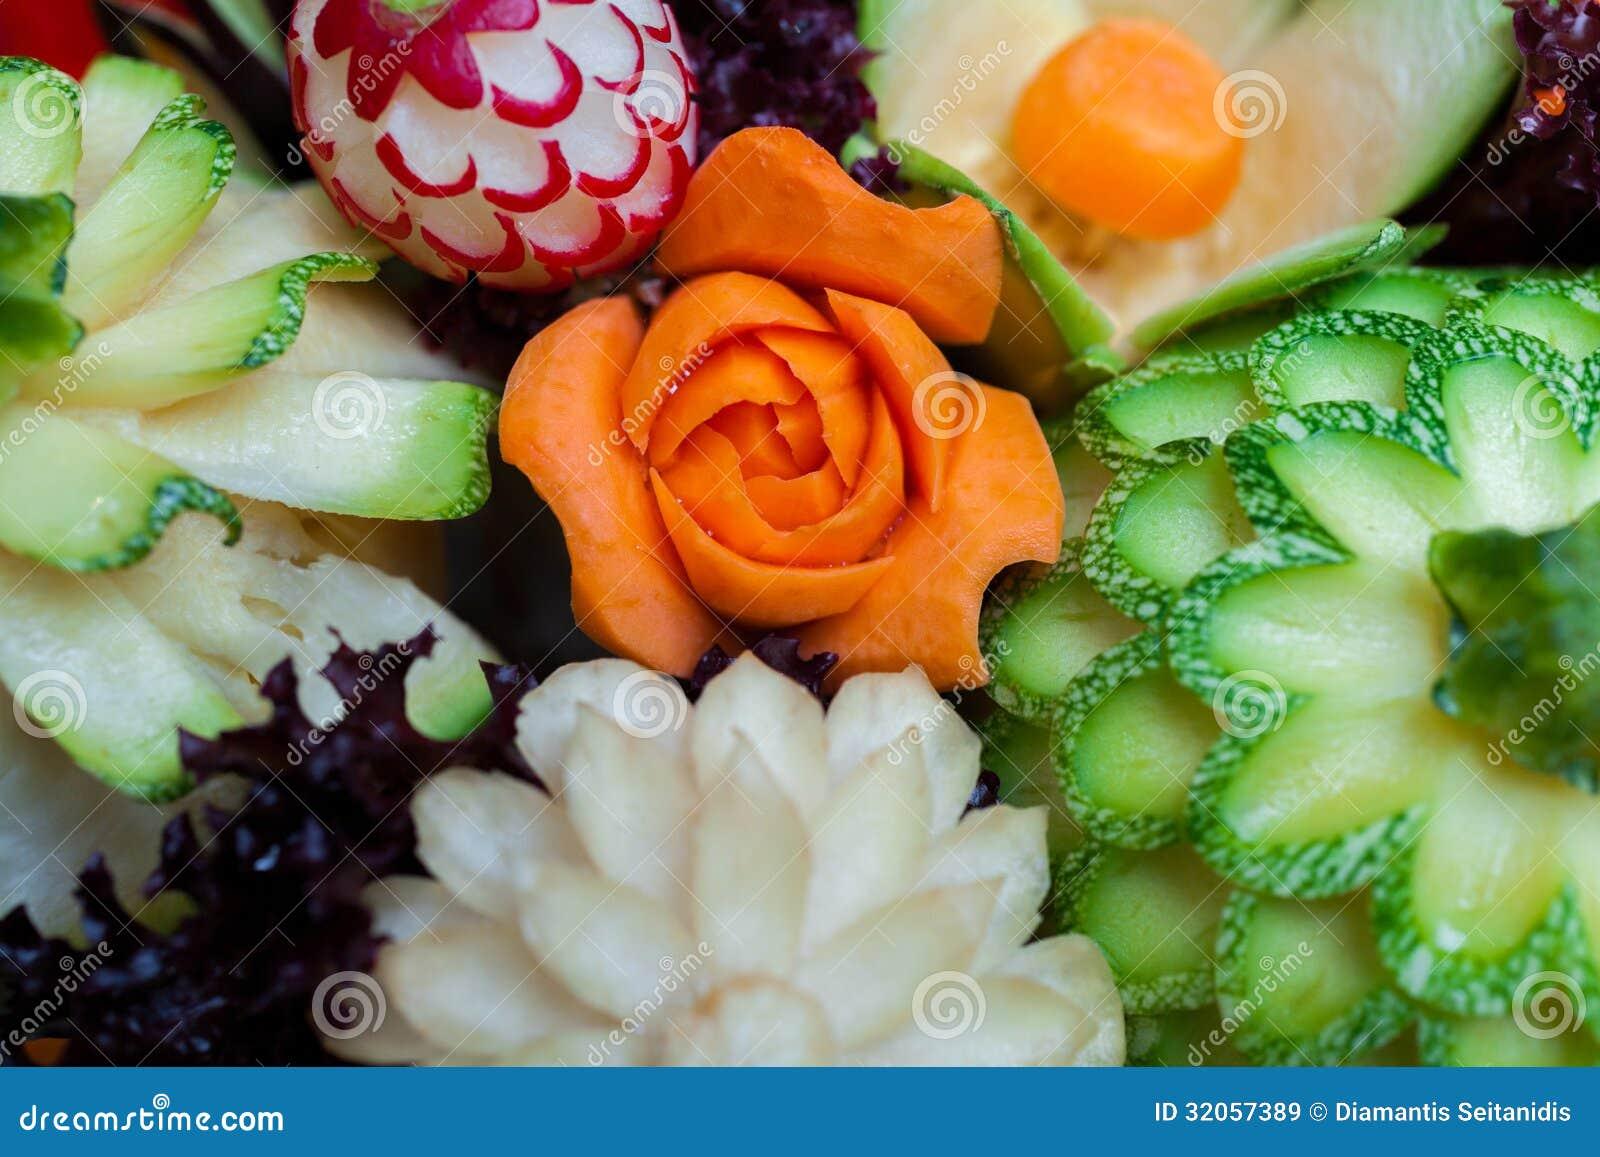 Verdure scolpite immagine stock di carota bello